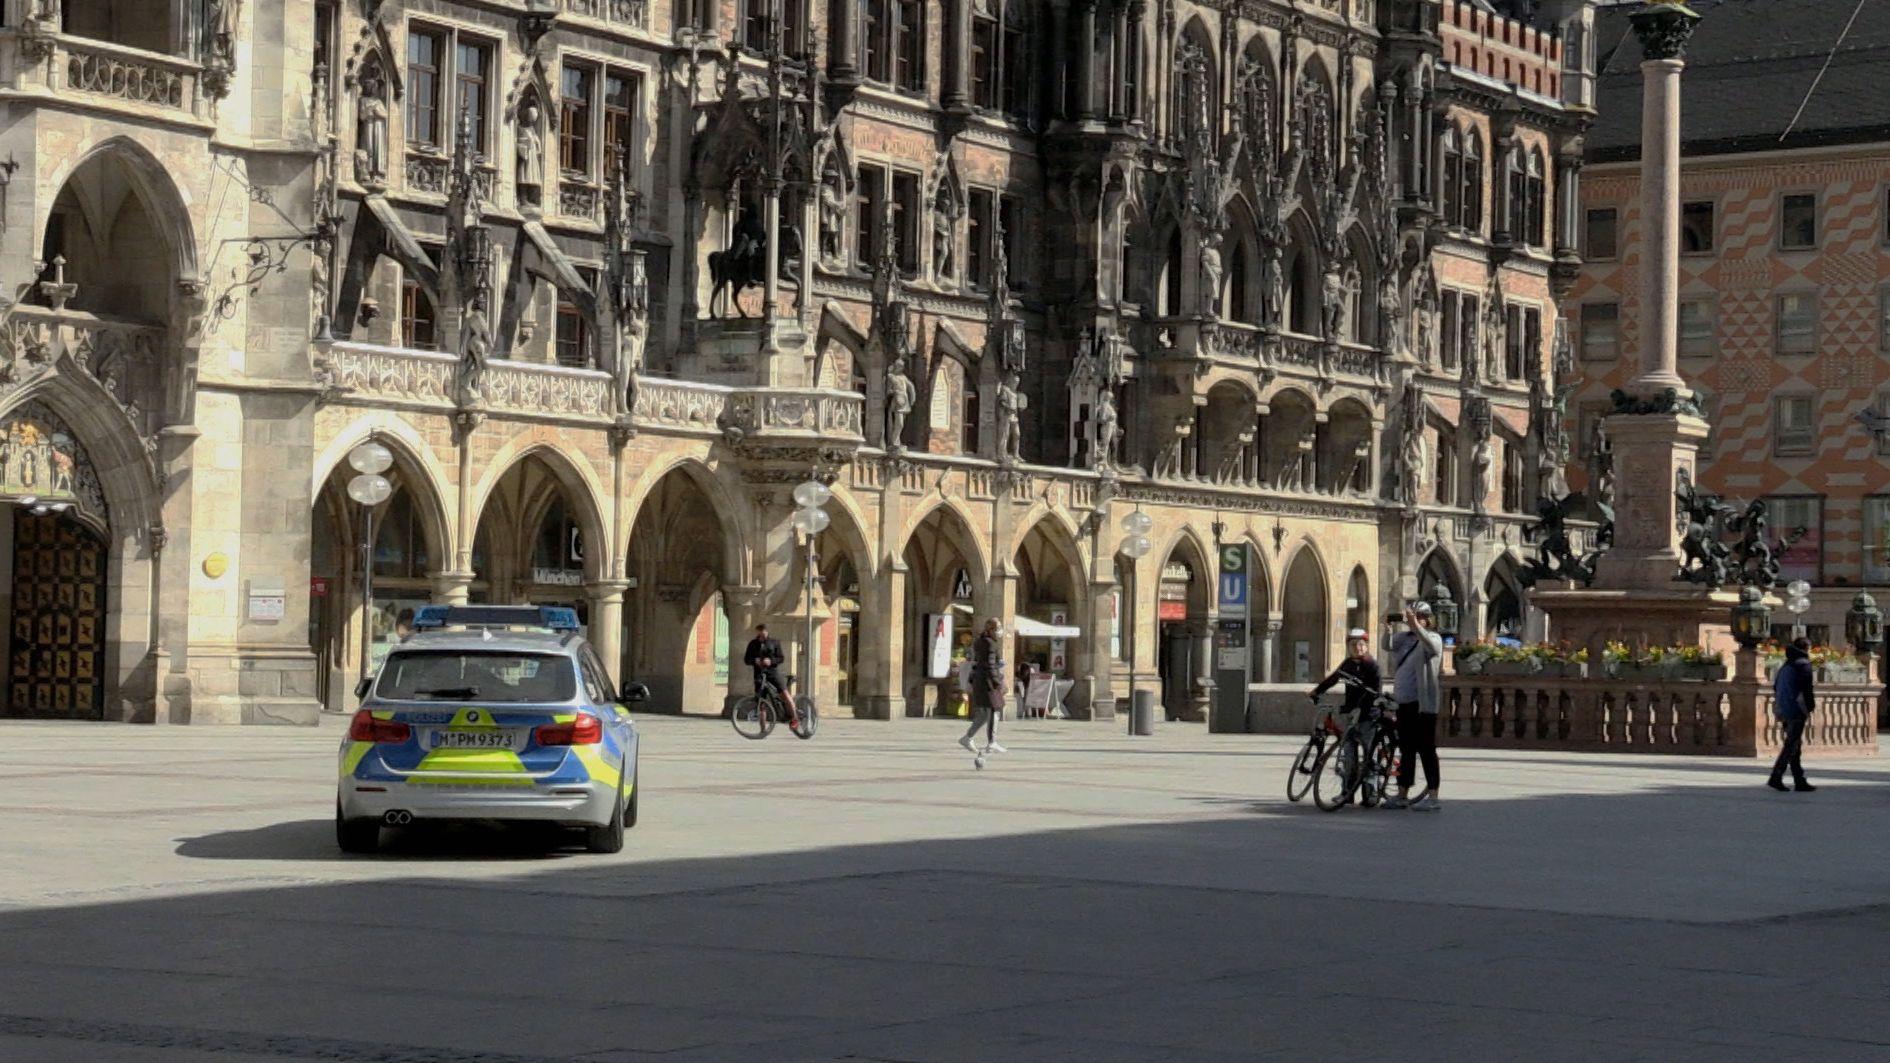 Polizeiwagen auf Münchner Marienplatz